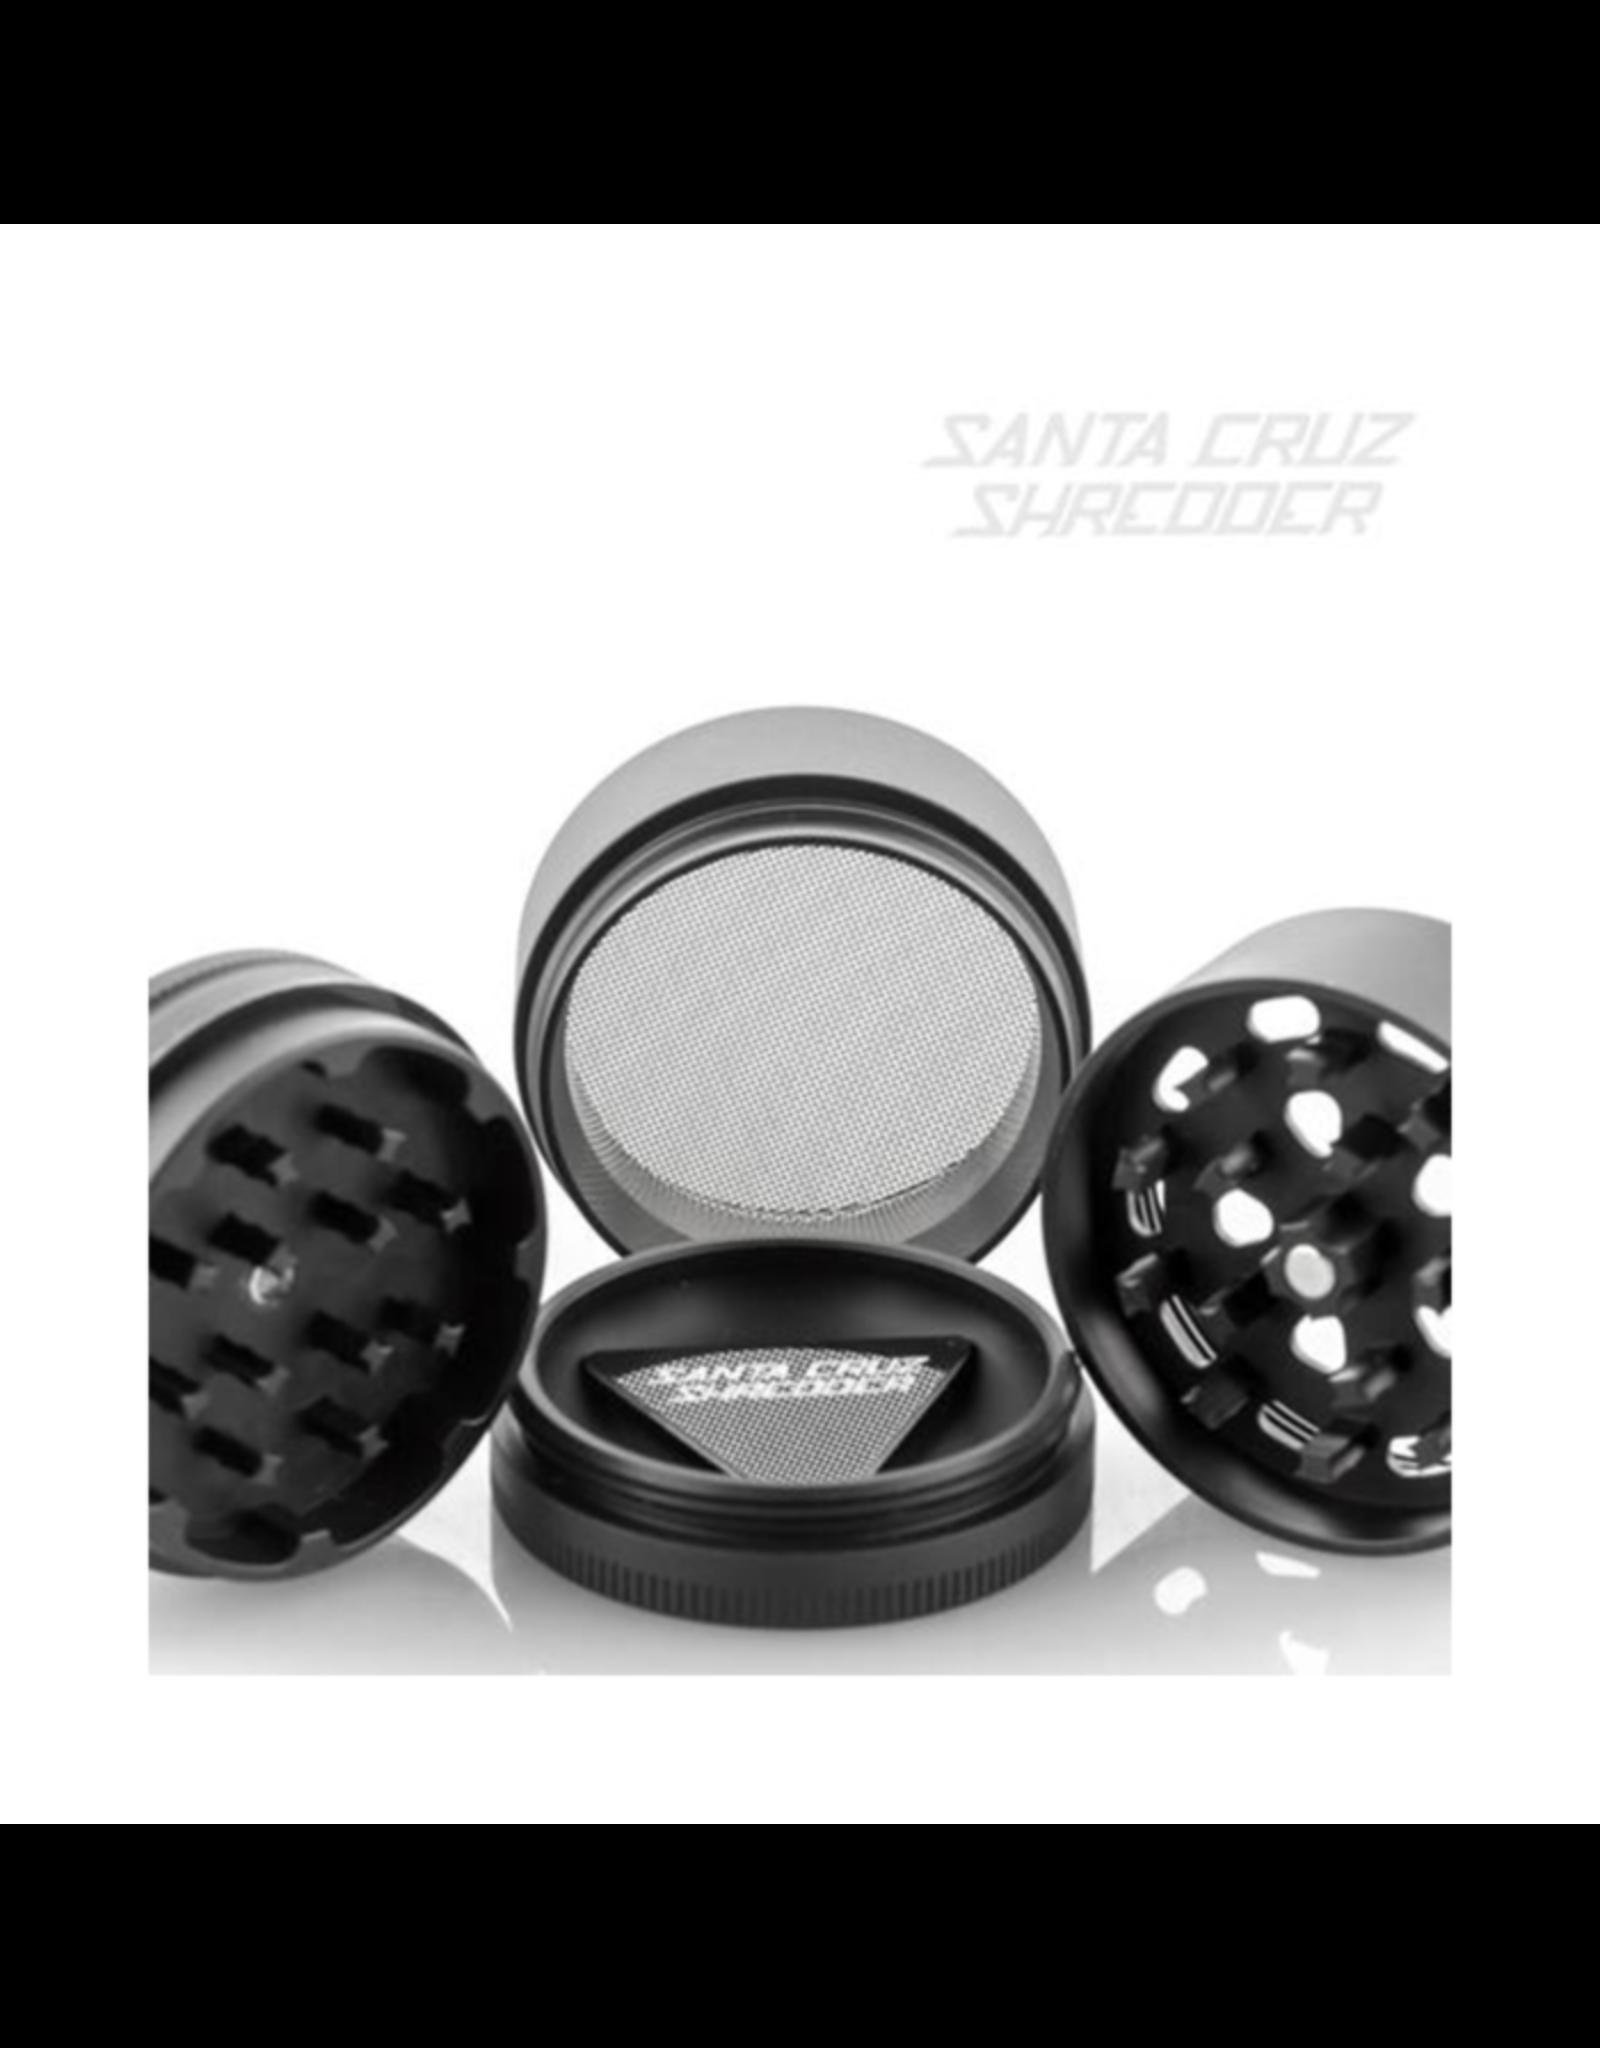 Santa Cruz Shredder Santa Cruz Shredder Small 4Pc Matte Black